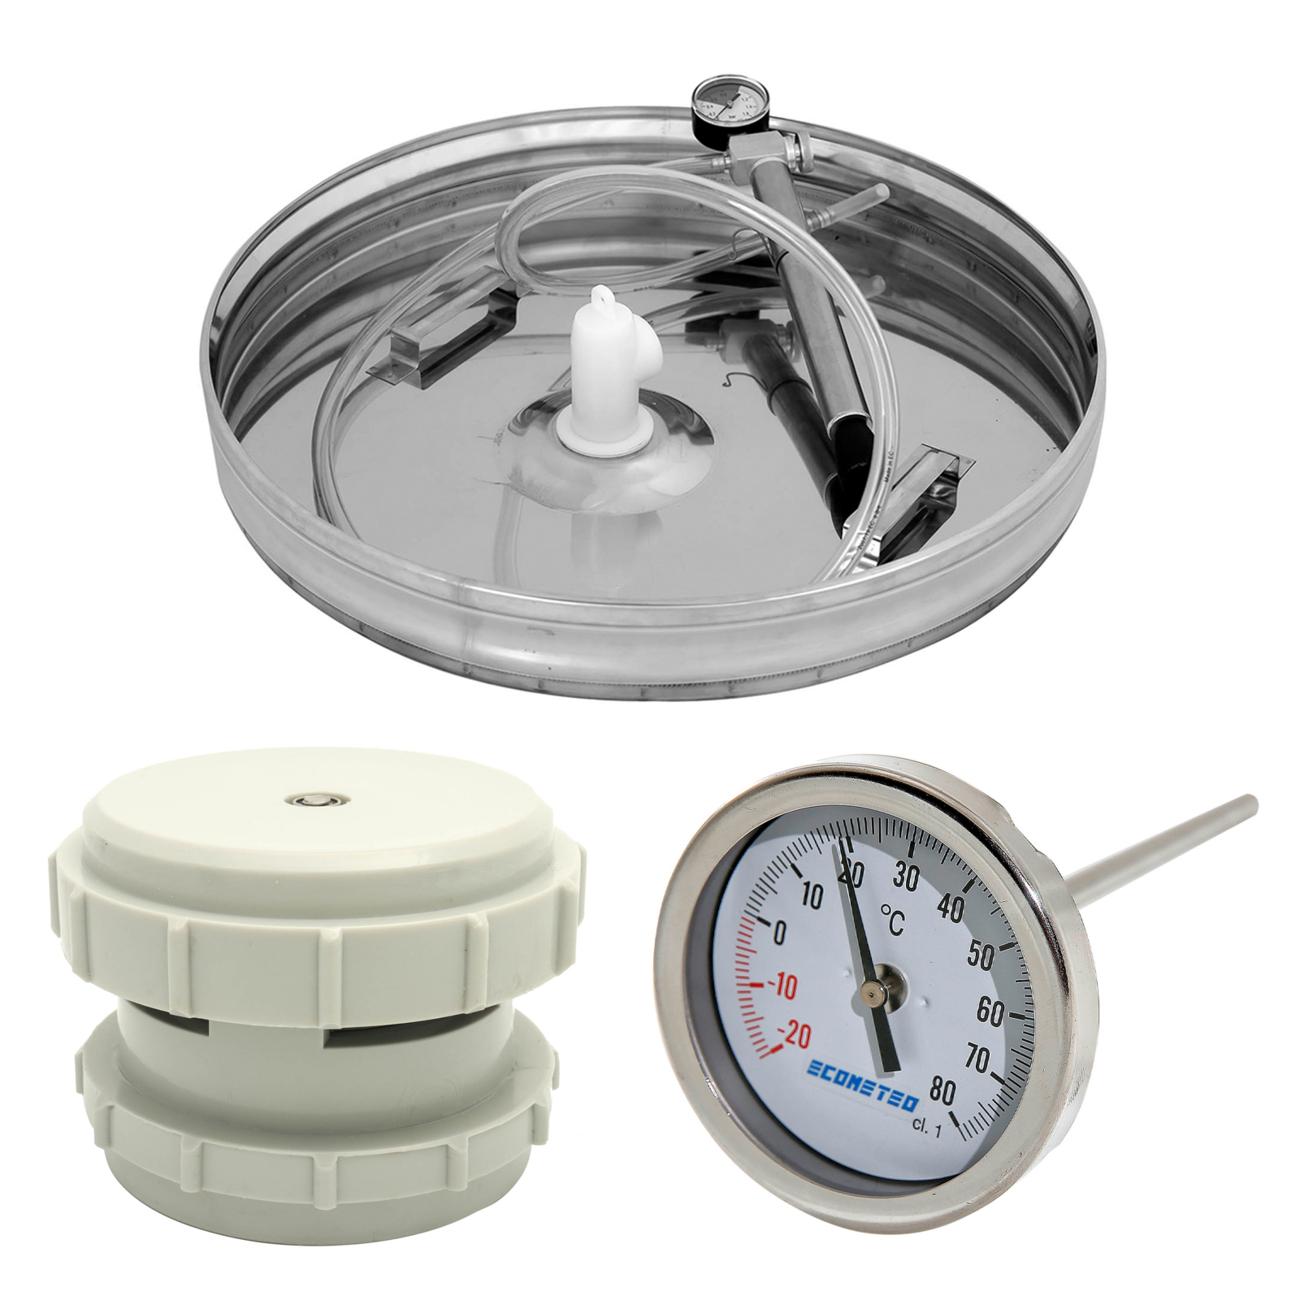 plovec_-skupaj-s-termometer-in-veha.jpg